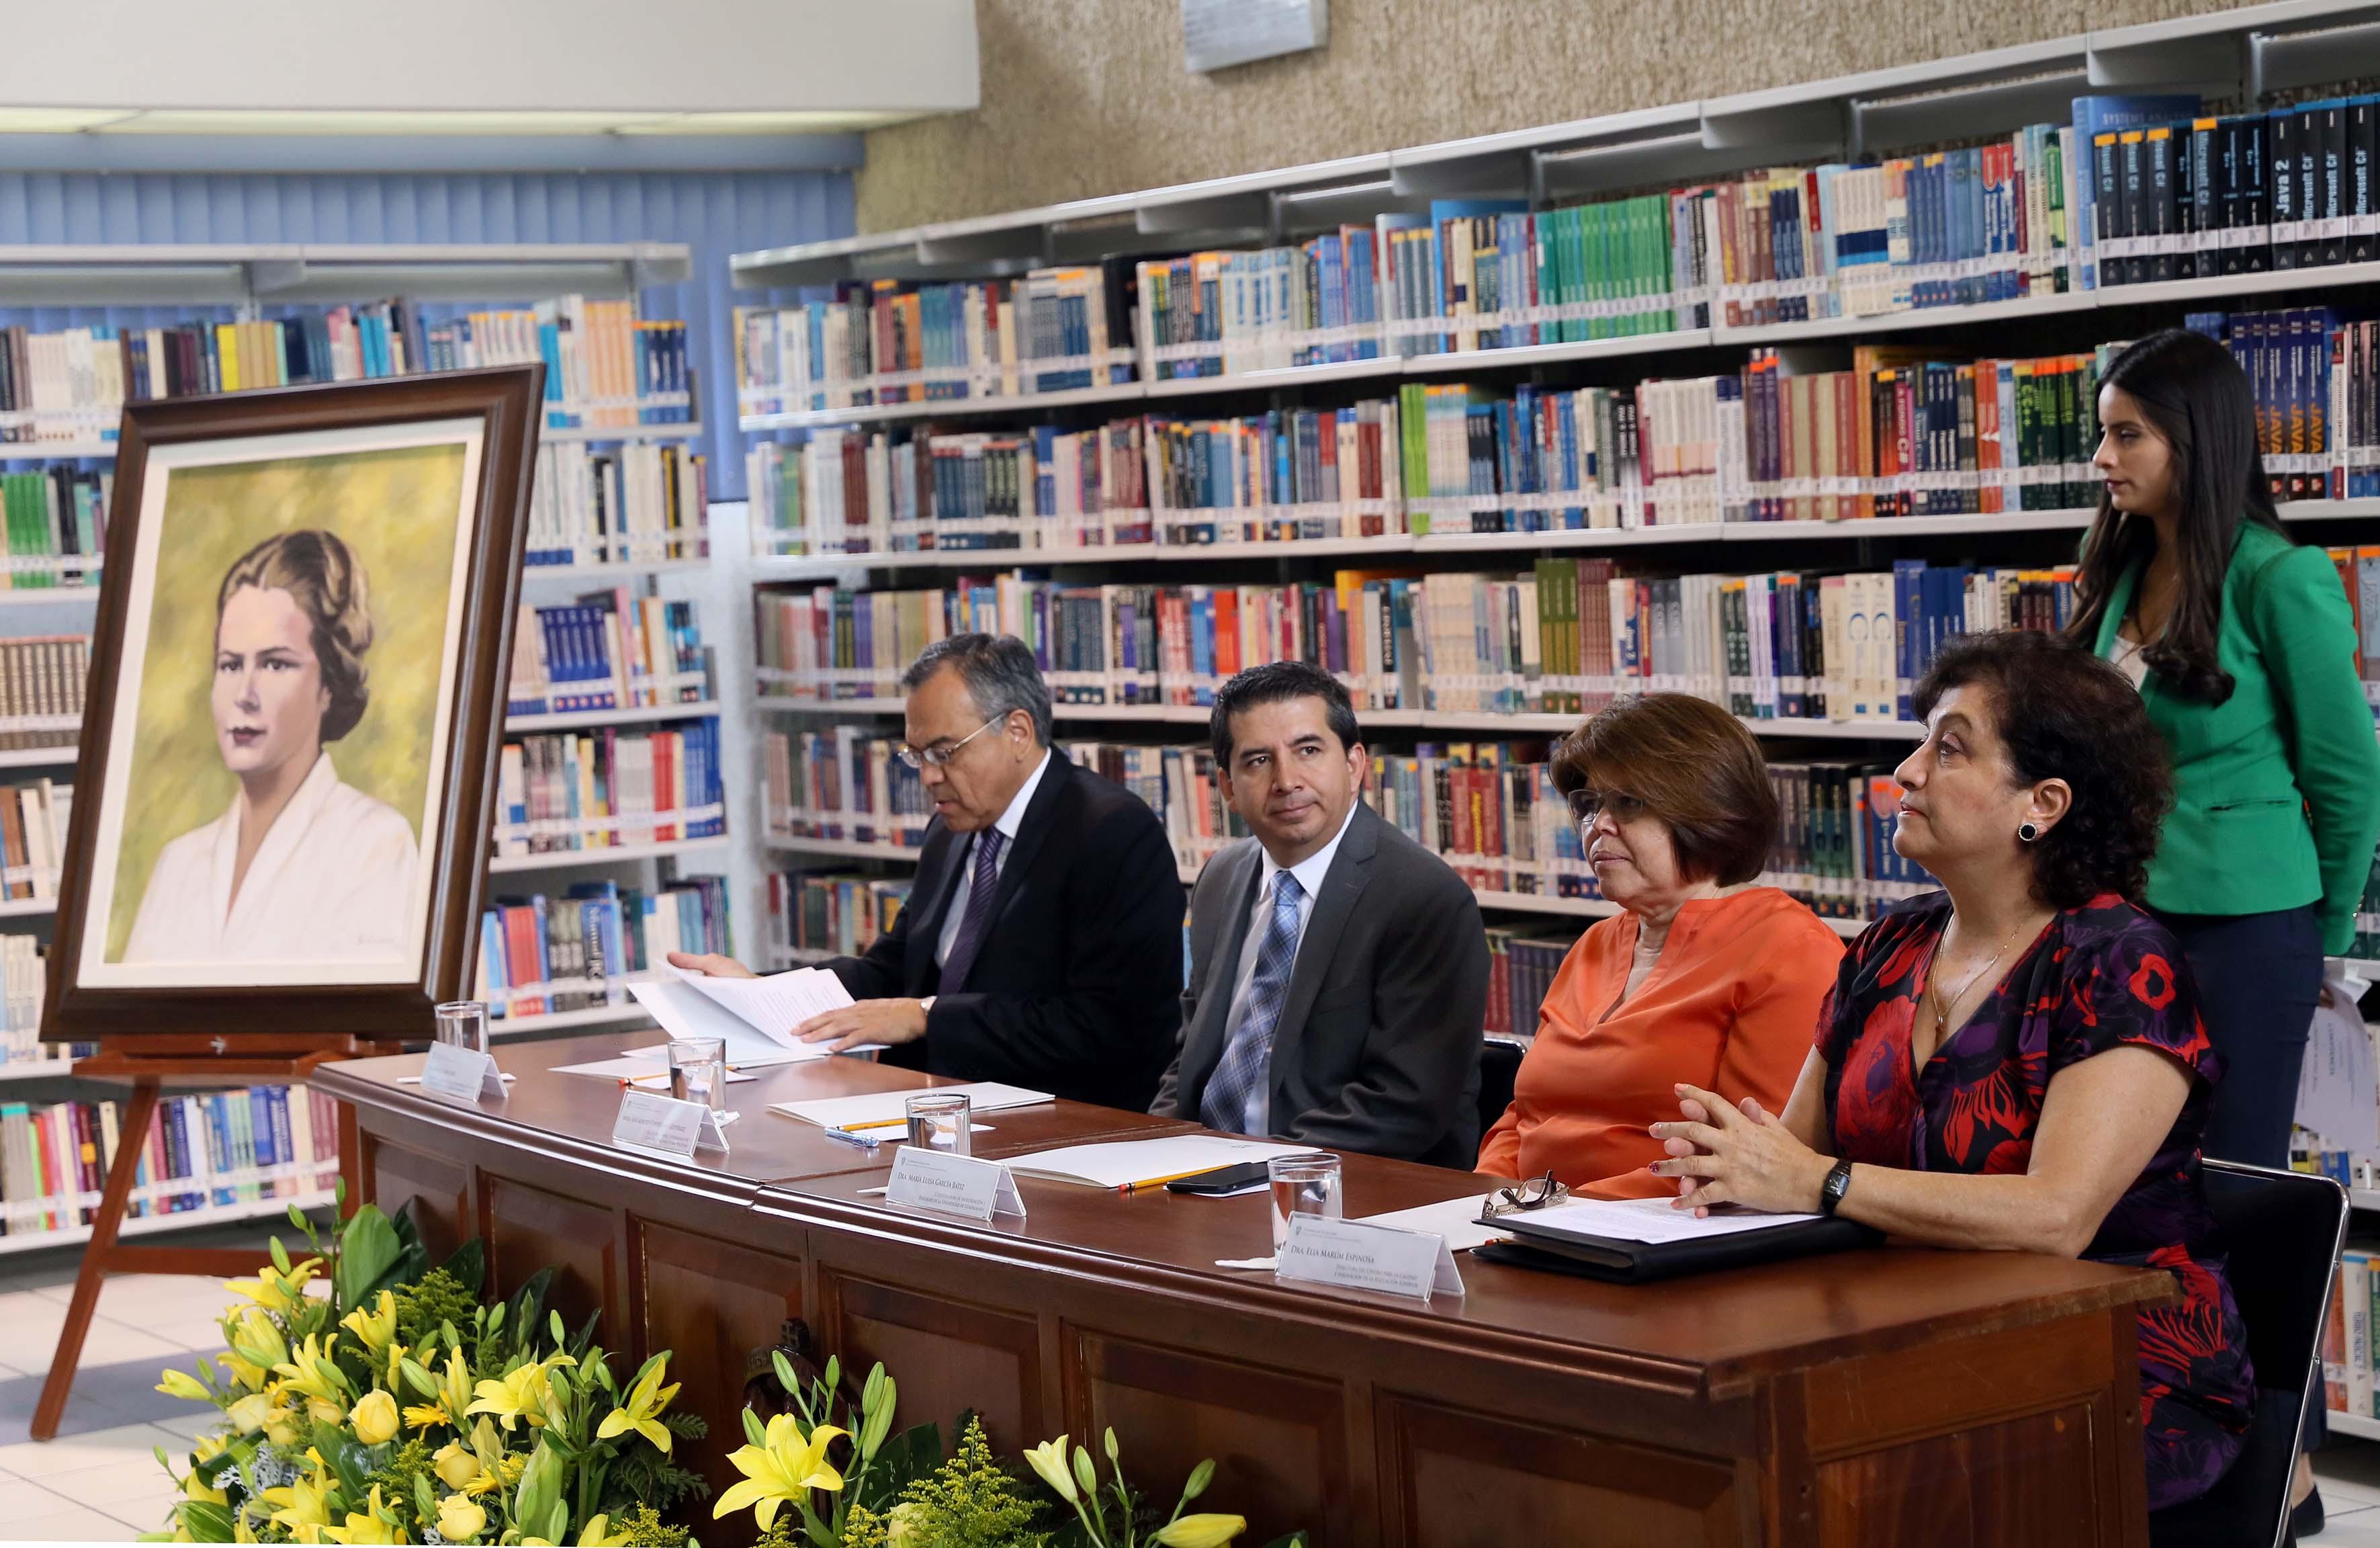 Autoridades universitarias participando en la ceremonia de entrega del retrato de Edith Penrose